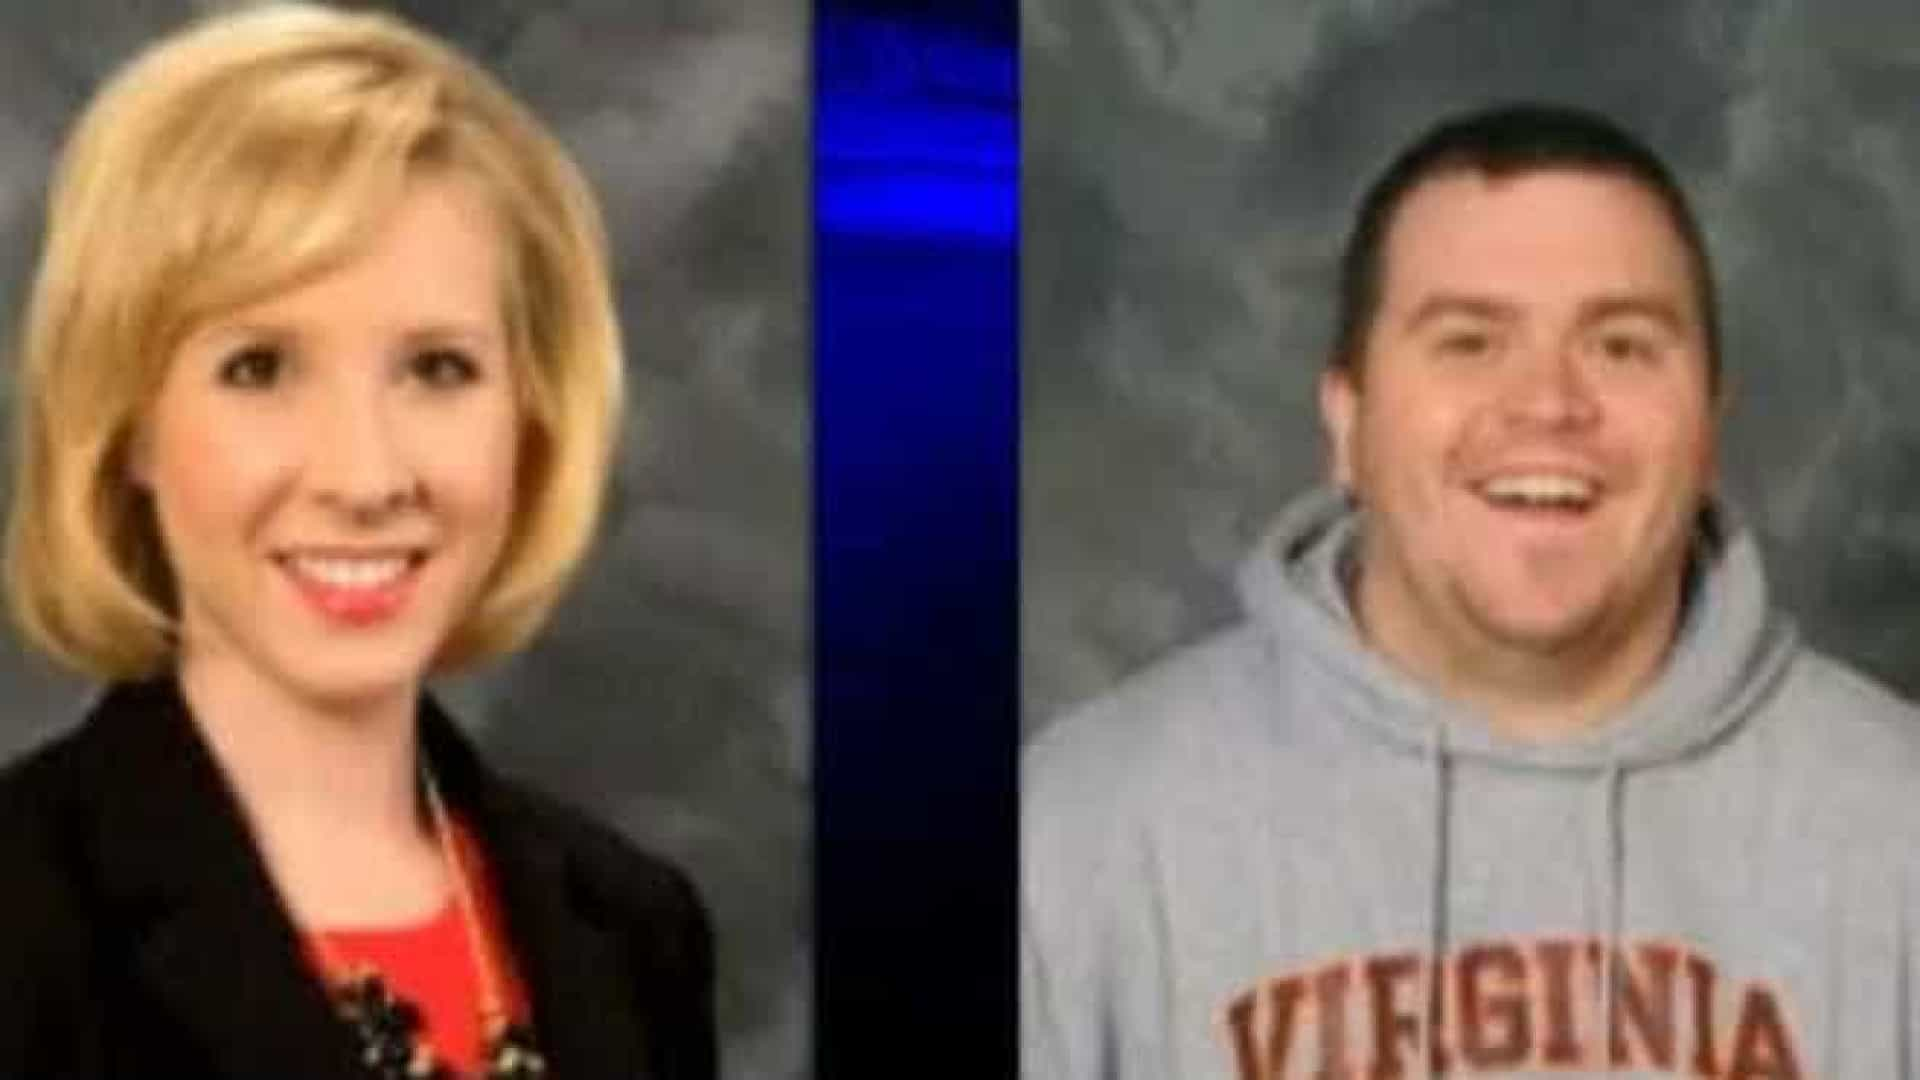 Jornalistas são mortos durante transmissão ao vivo nos EUA